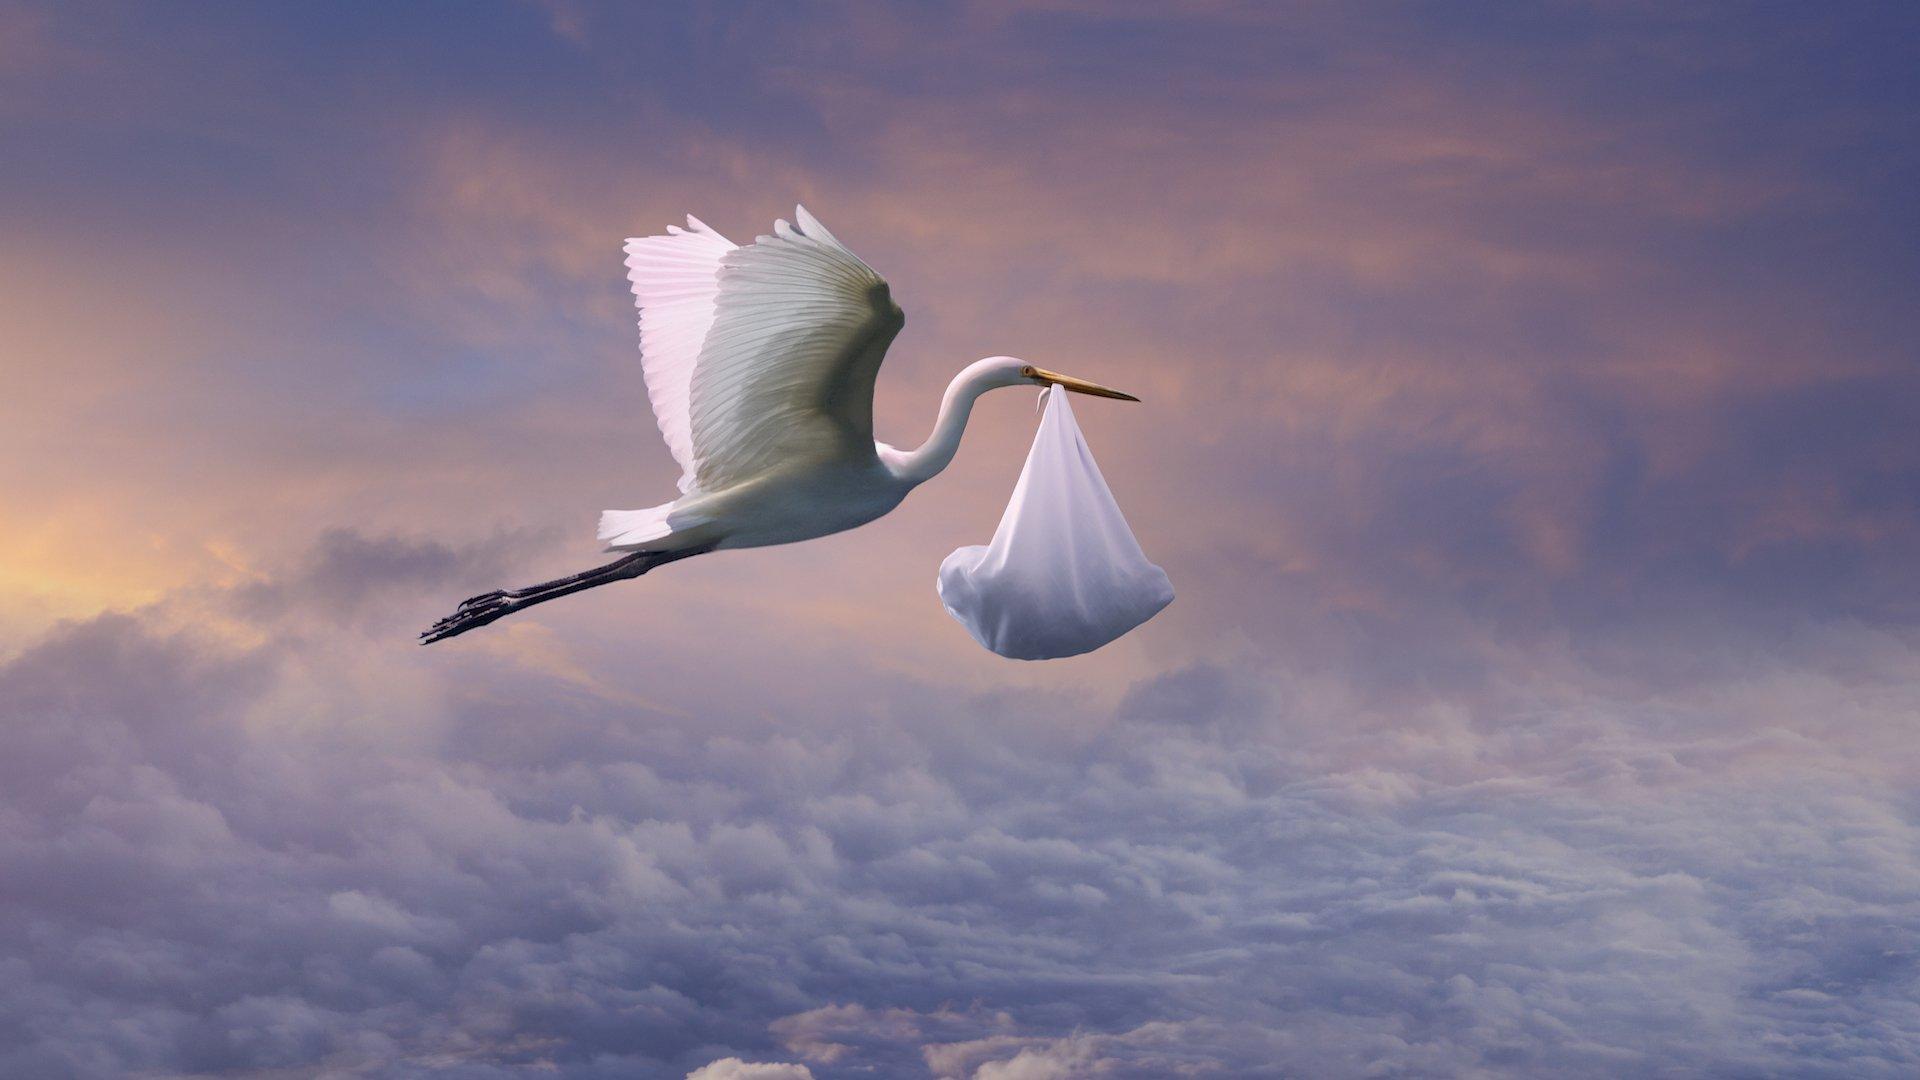 открытки аист летящий бессмертная птица, жизнь